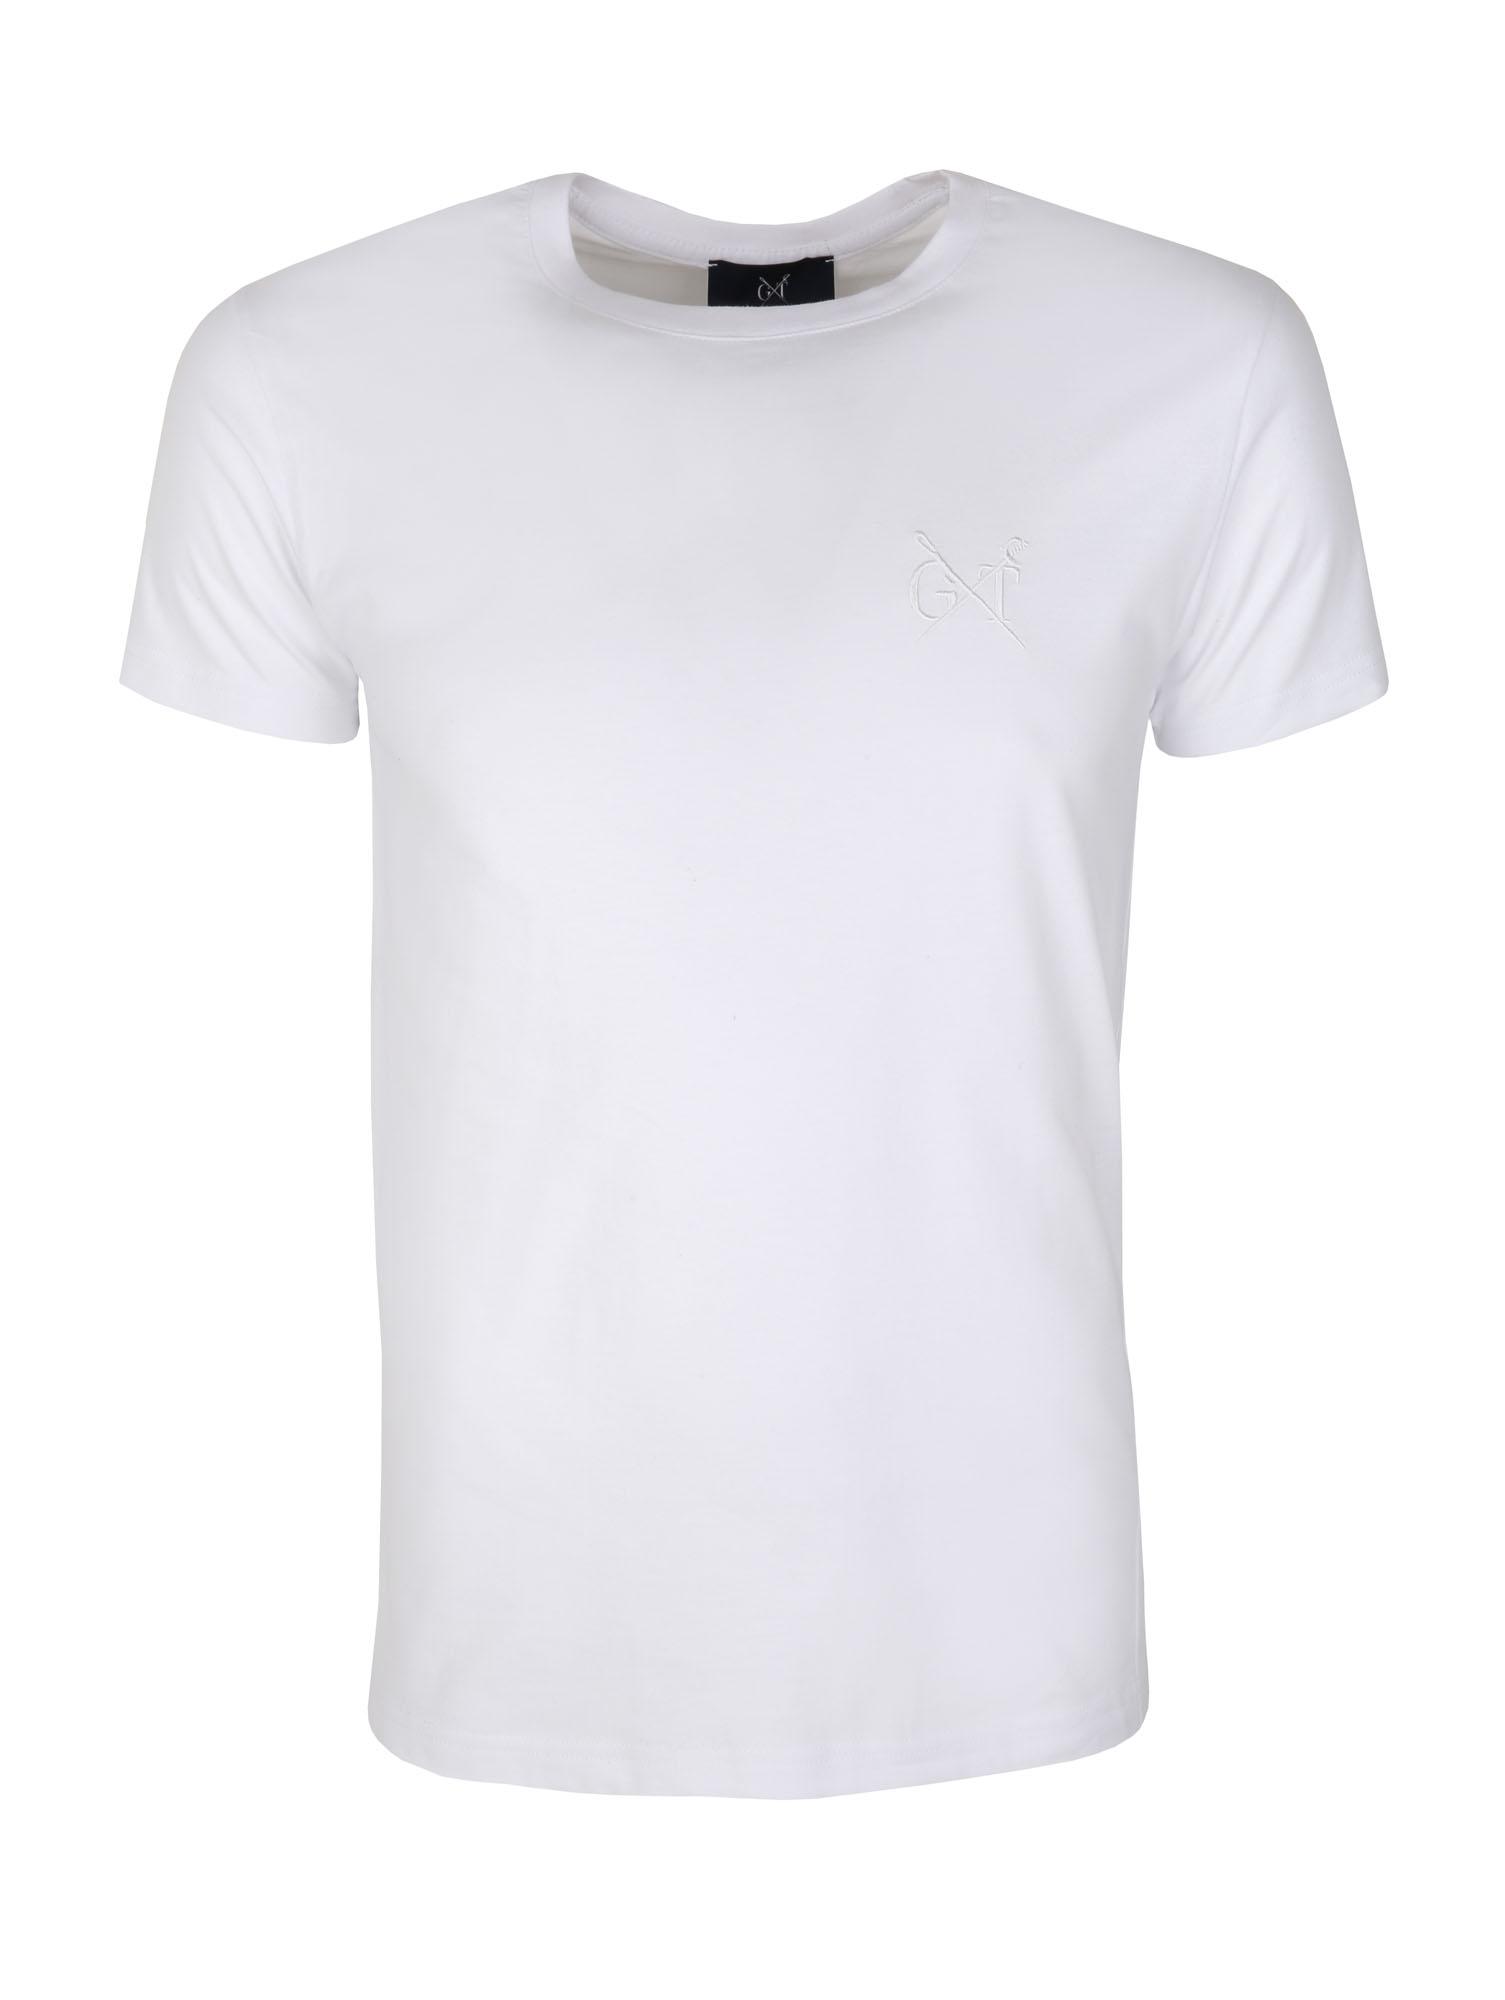 T shirt online